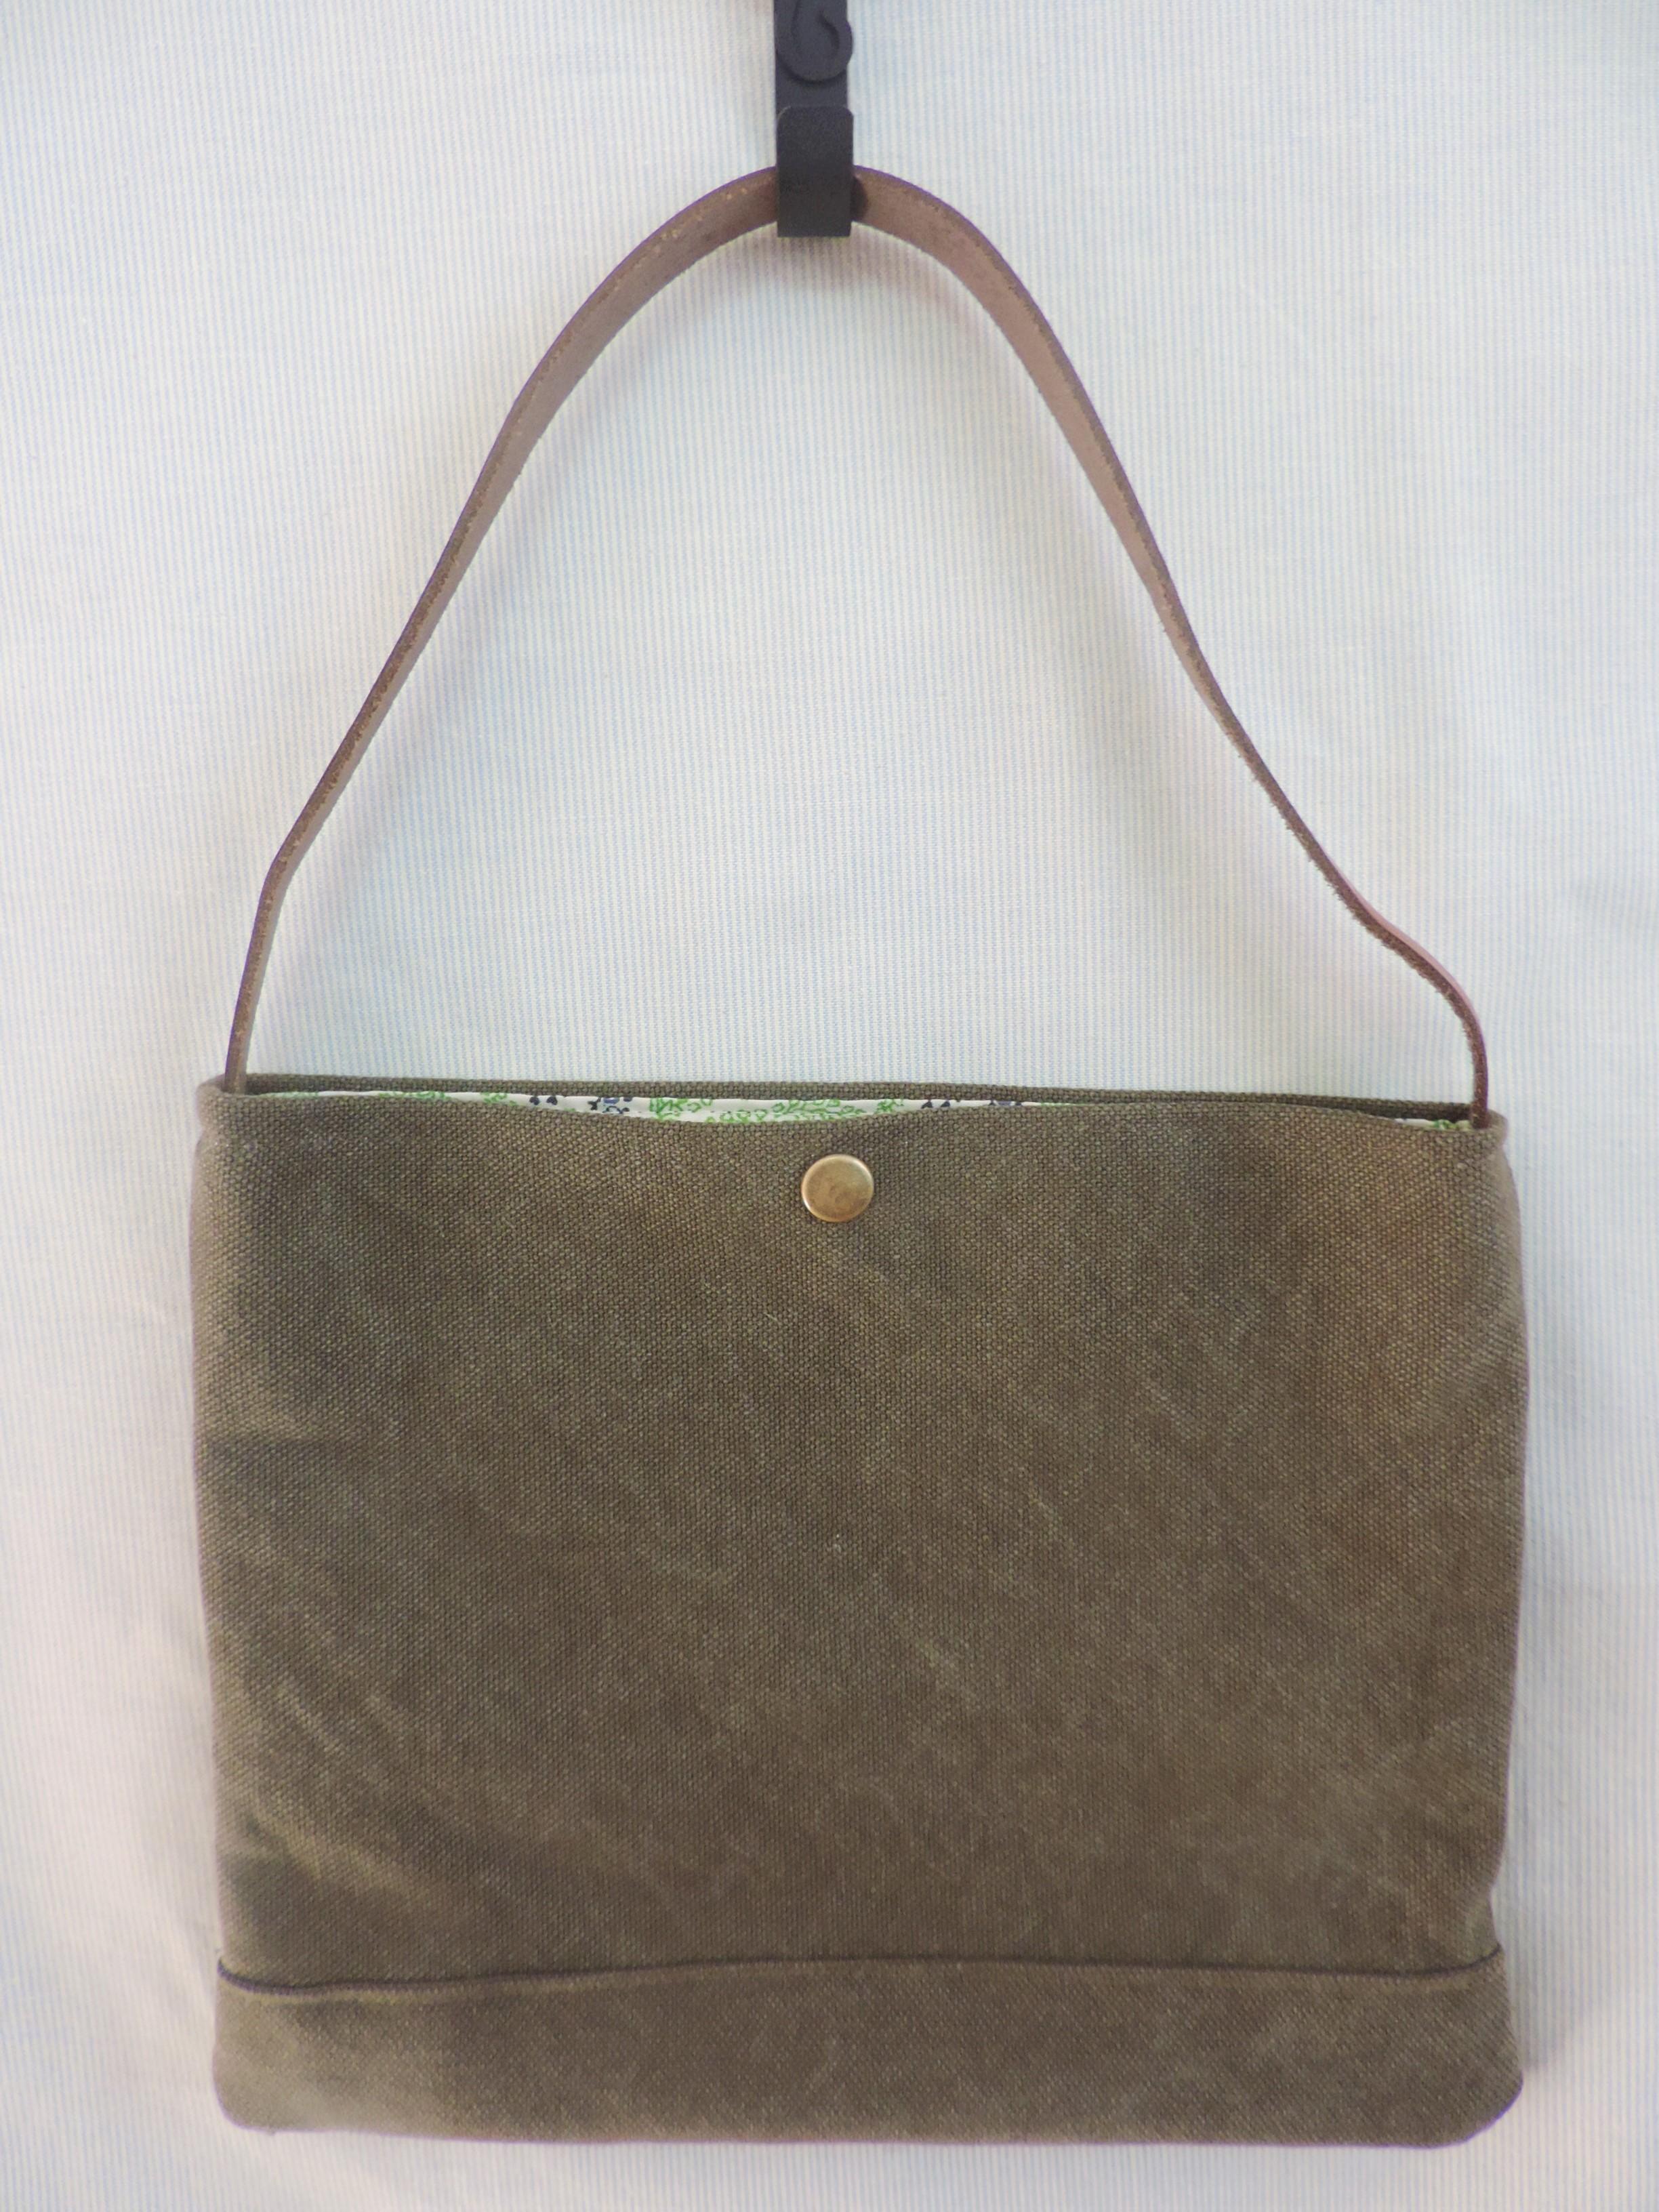 【使い勝手◎♥】小さなお出かけバッグを手作りしました!